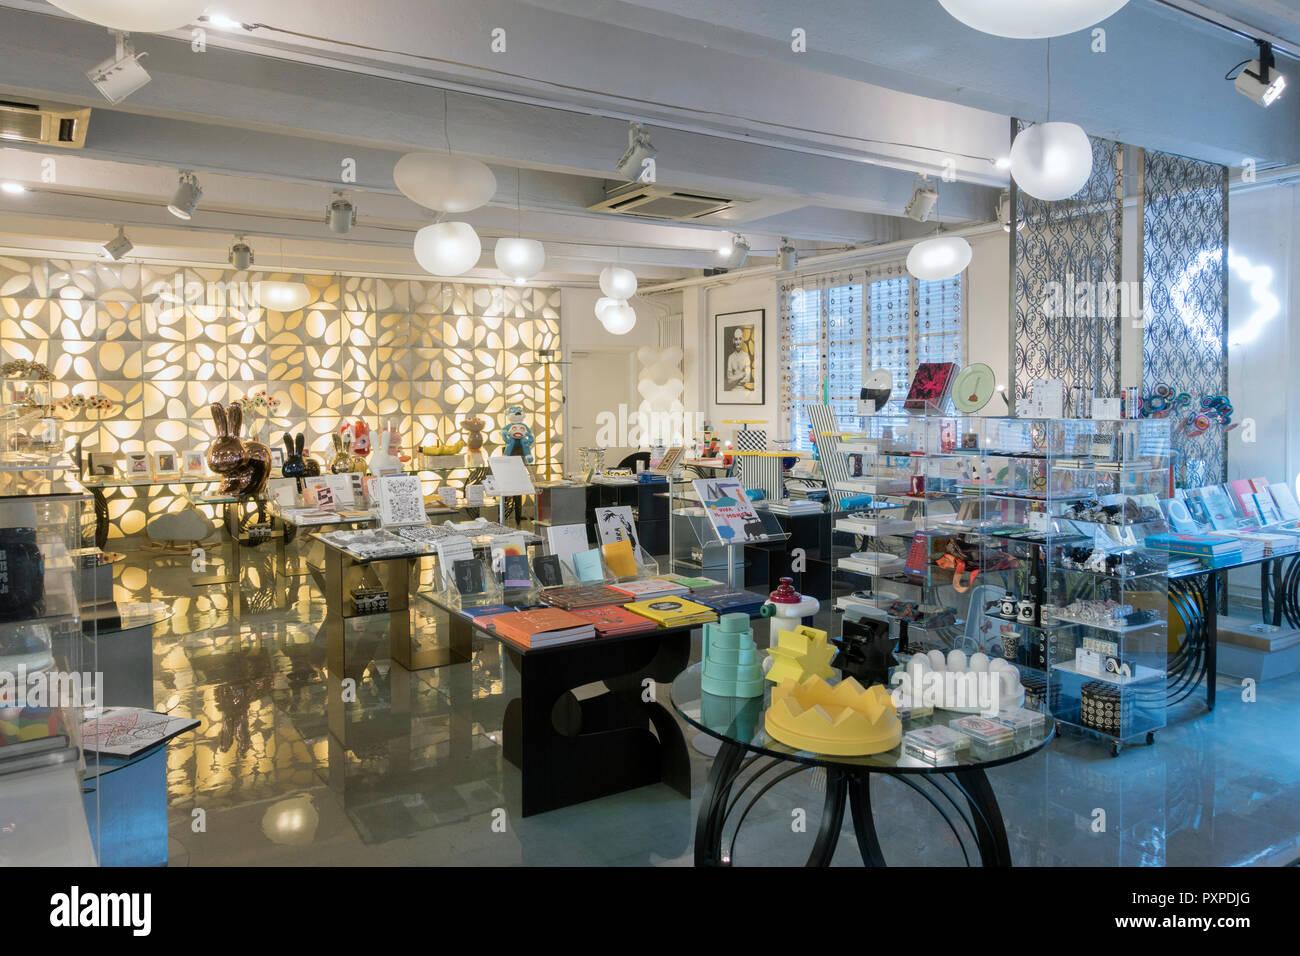 Corso Como 10 book shop in Milano, Italy - Stock Image